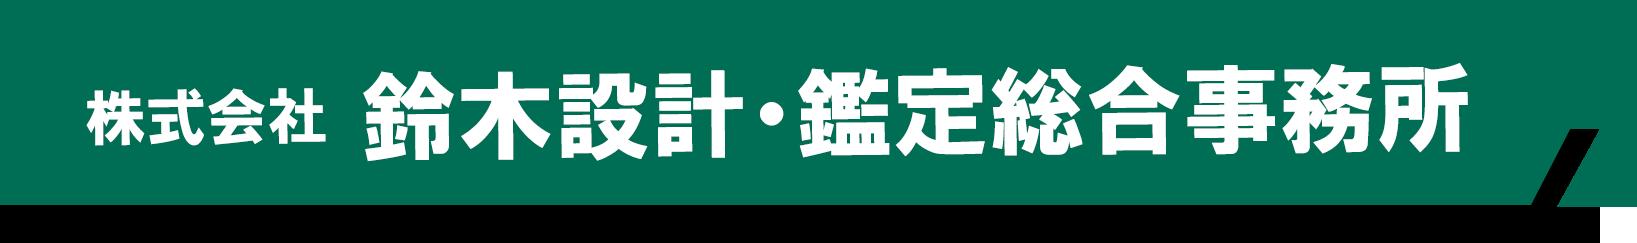 鈴木設計・鑑定総合事務所